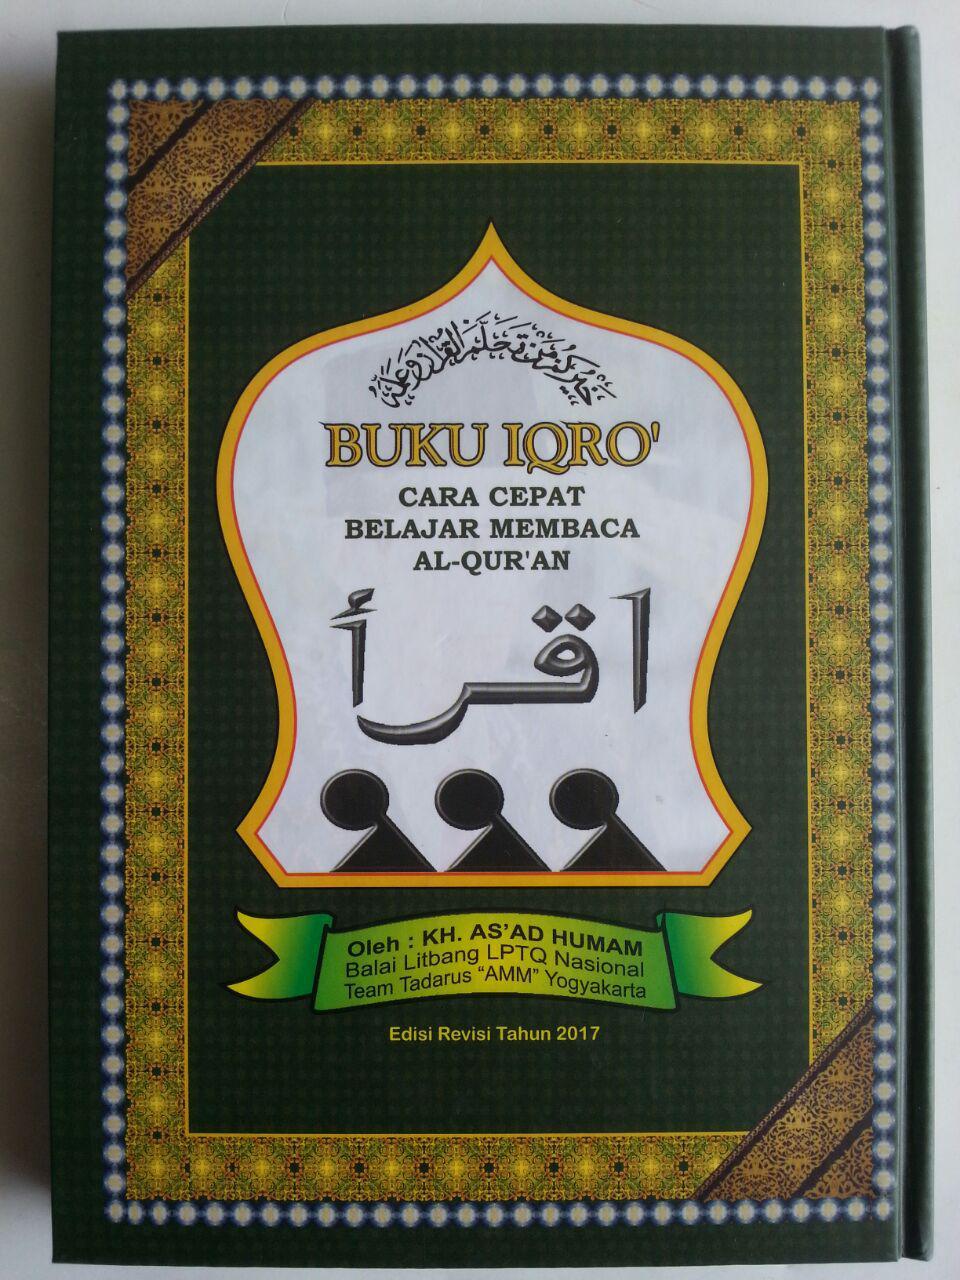 Buku Iqro Cara Cepat Belajar Membaca Al-Quran 2 Warna Lux Hard Cover cover 2 ...